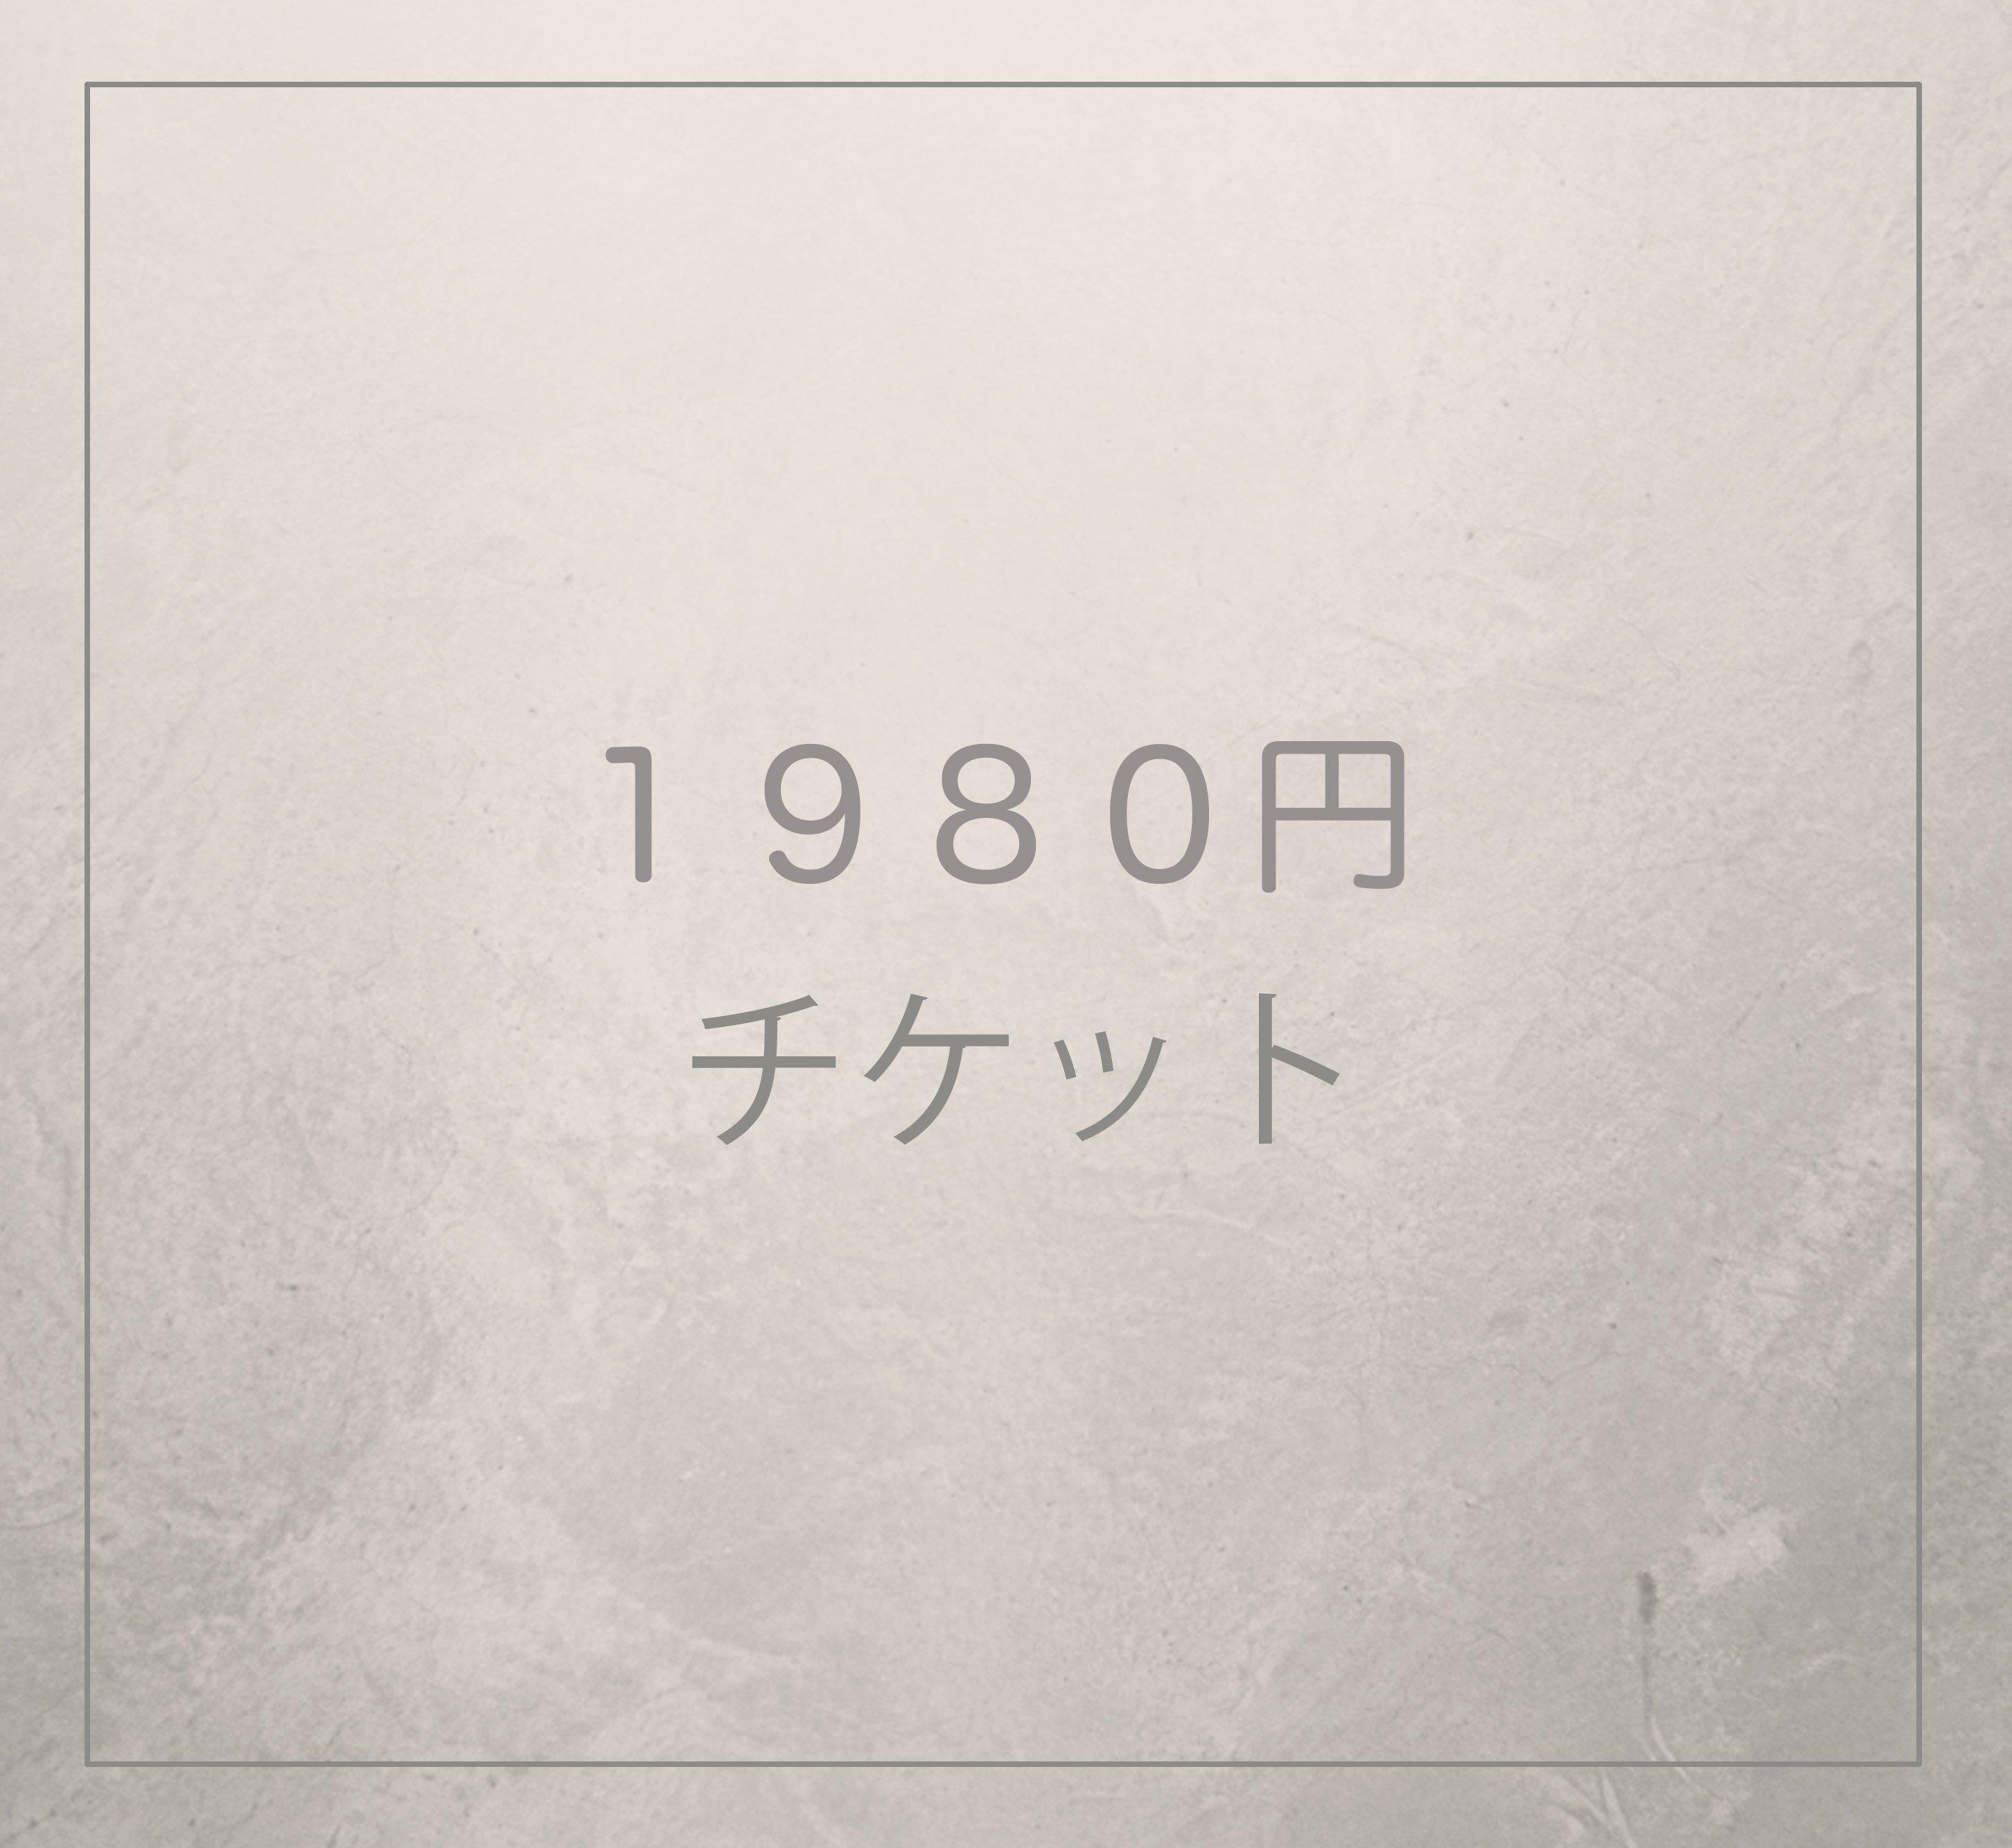 1980円チケット【チケットが届いた方限定】のイメージその1